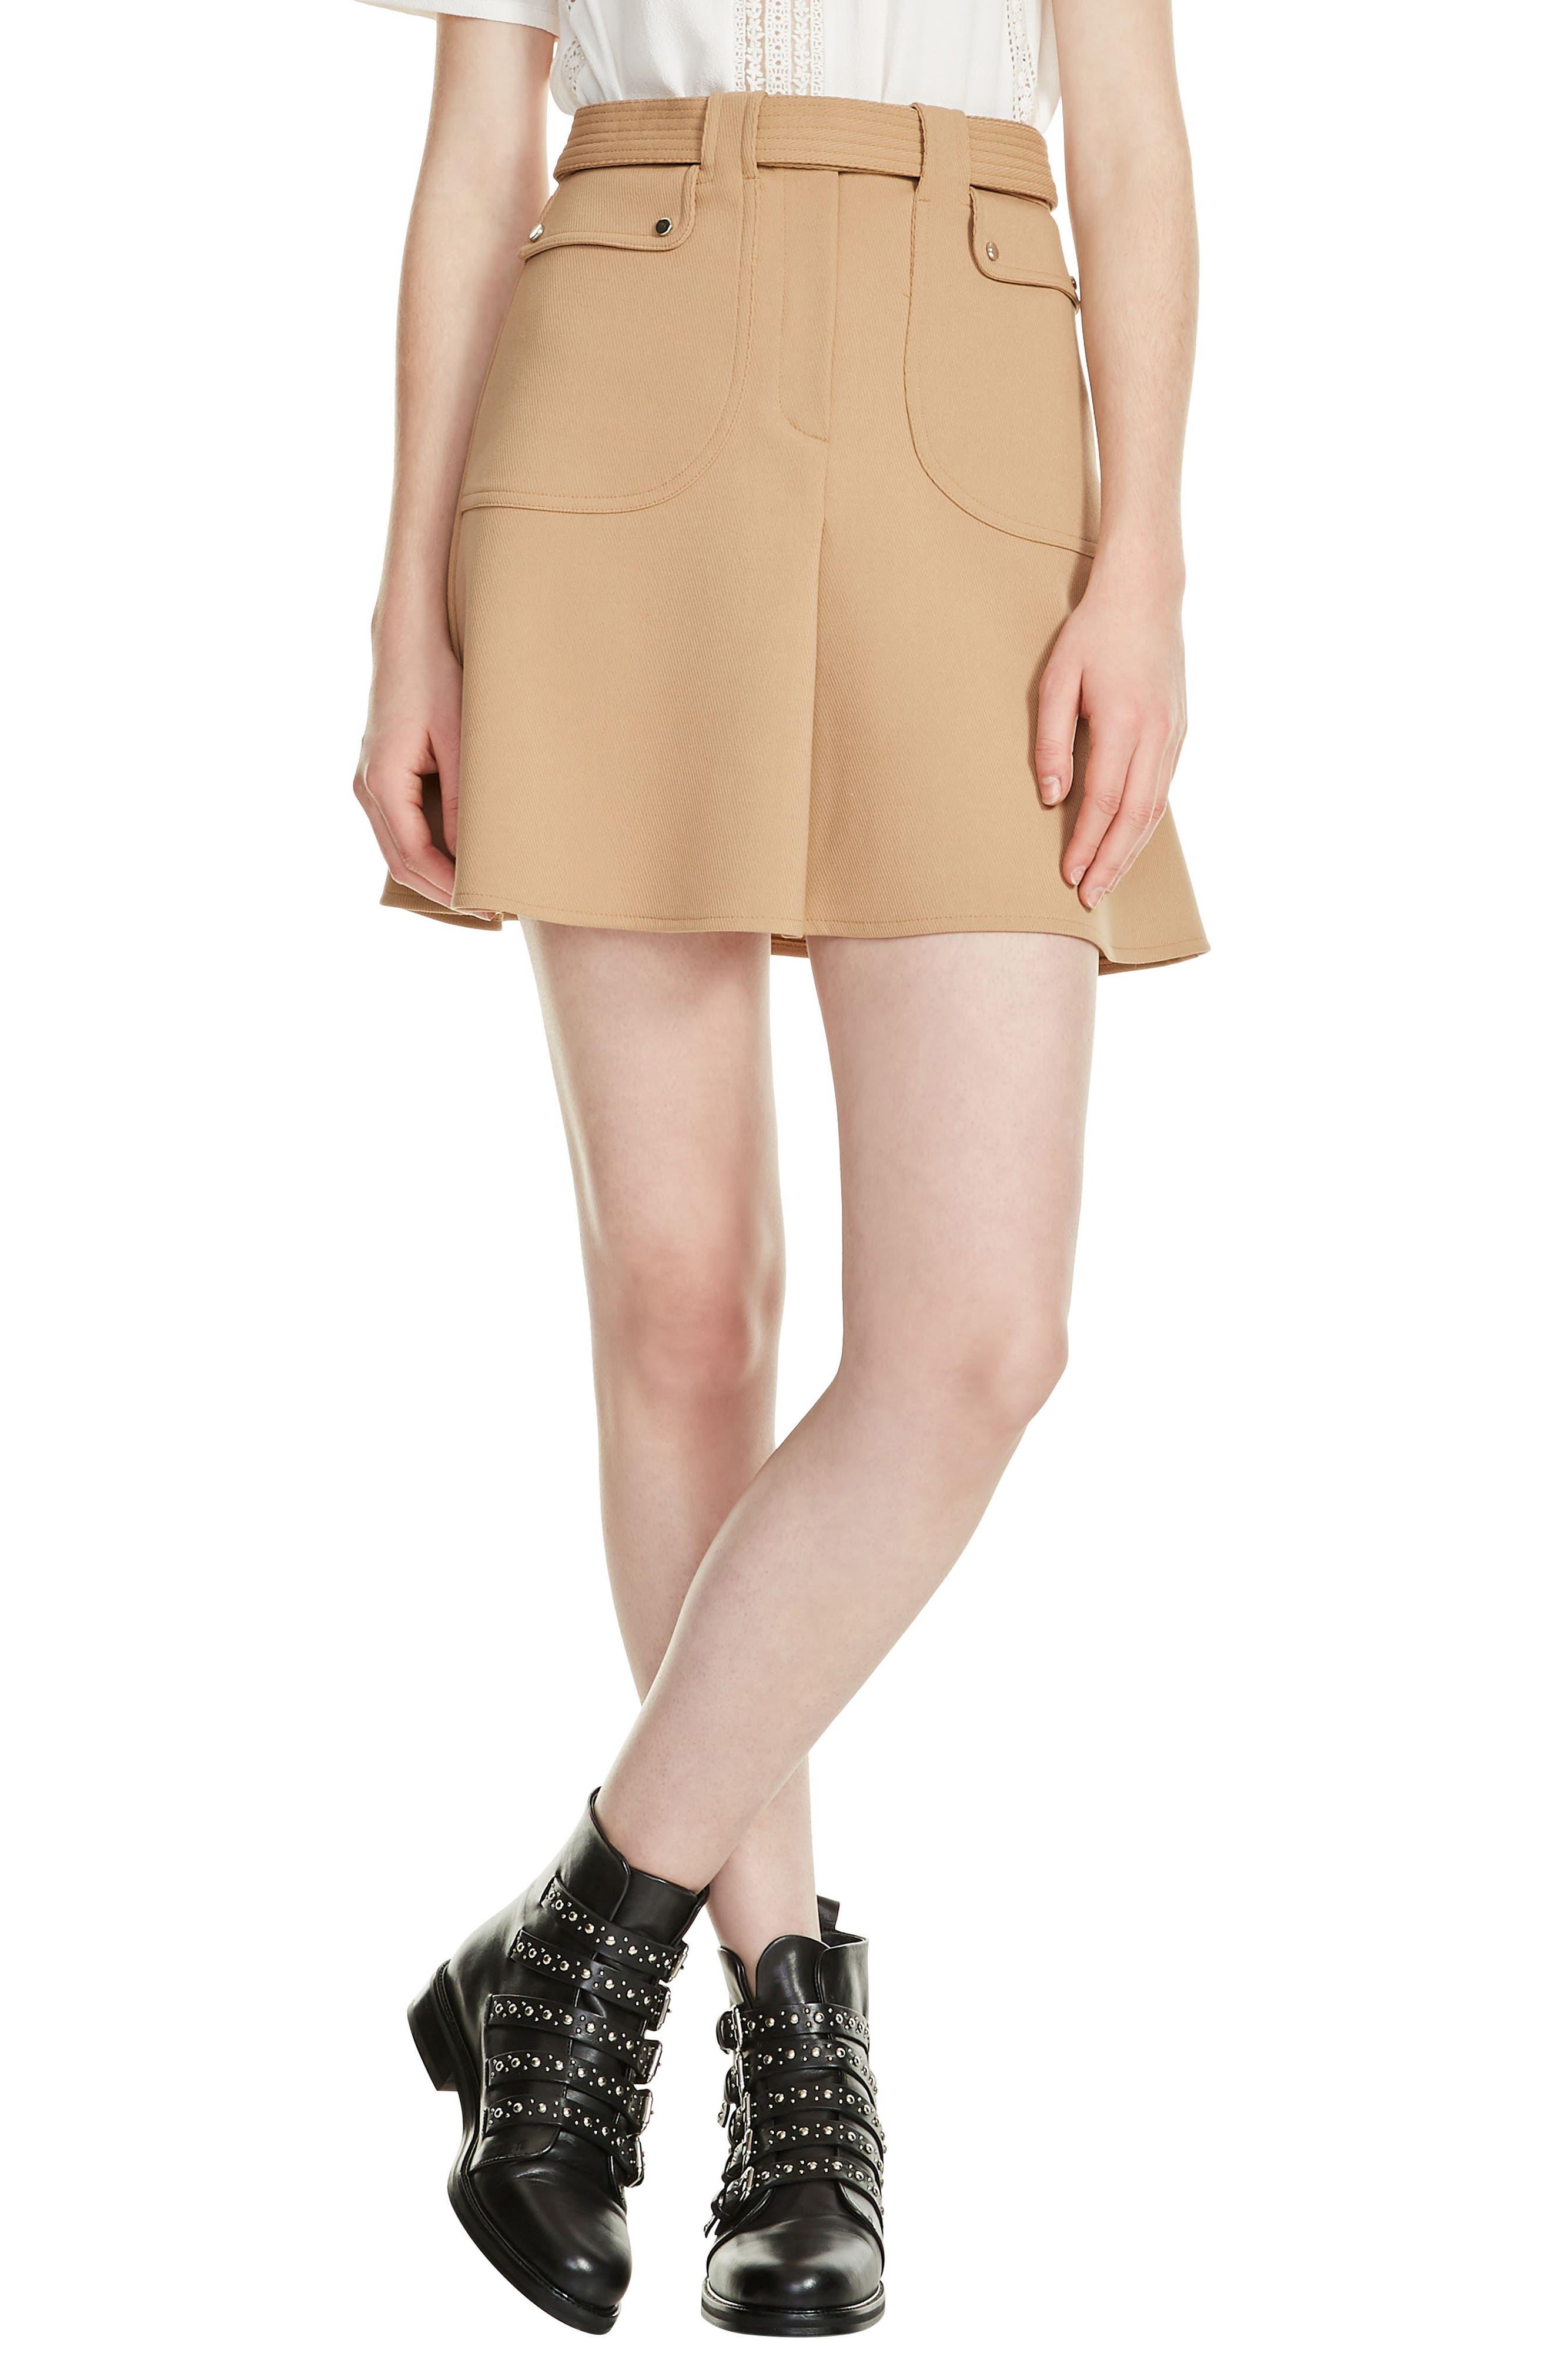 Jelsi Miniskirt,                             Main thumbnail 1, color,                             250